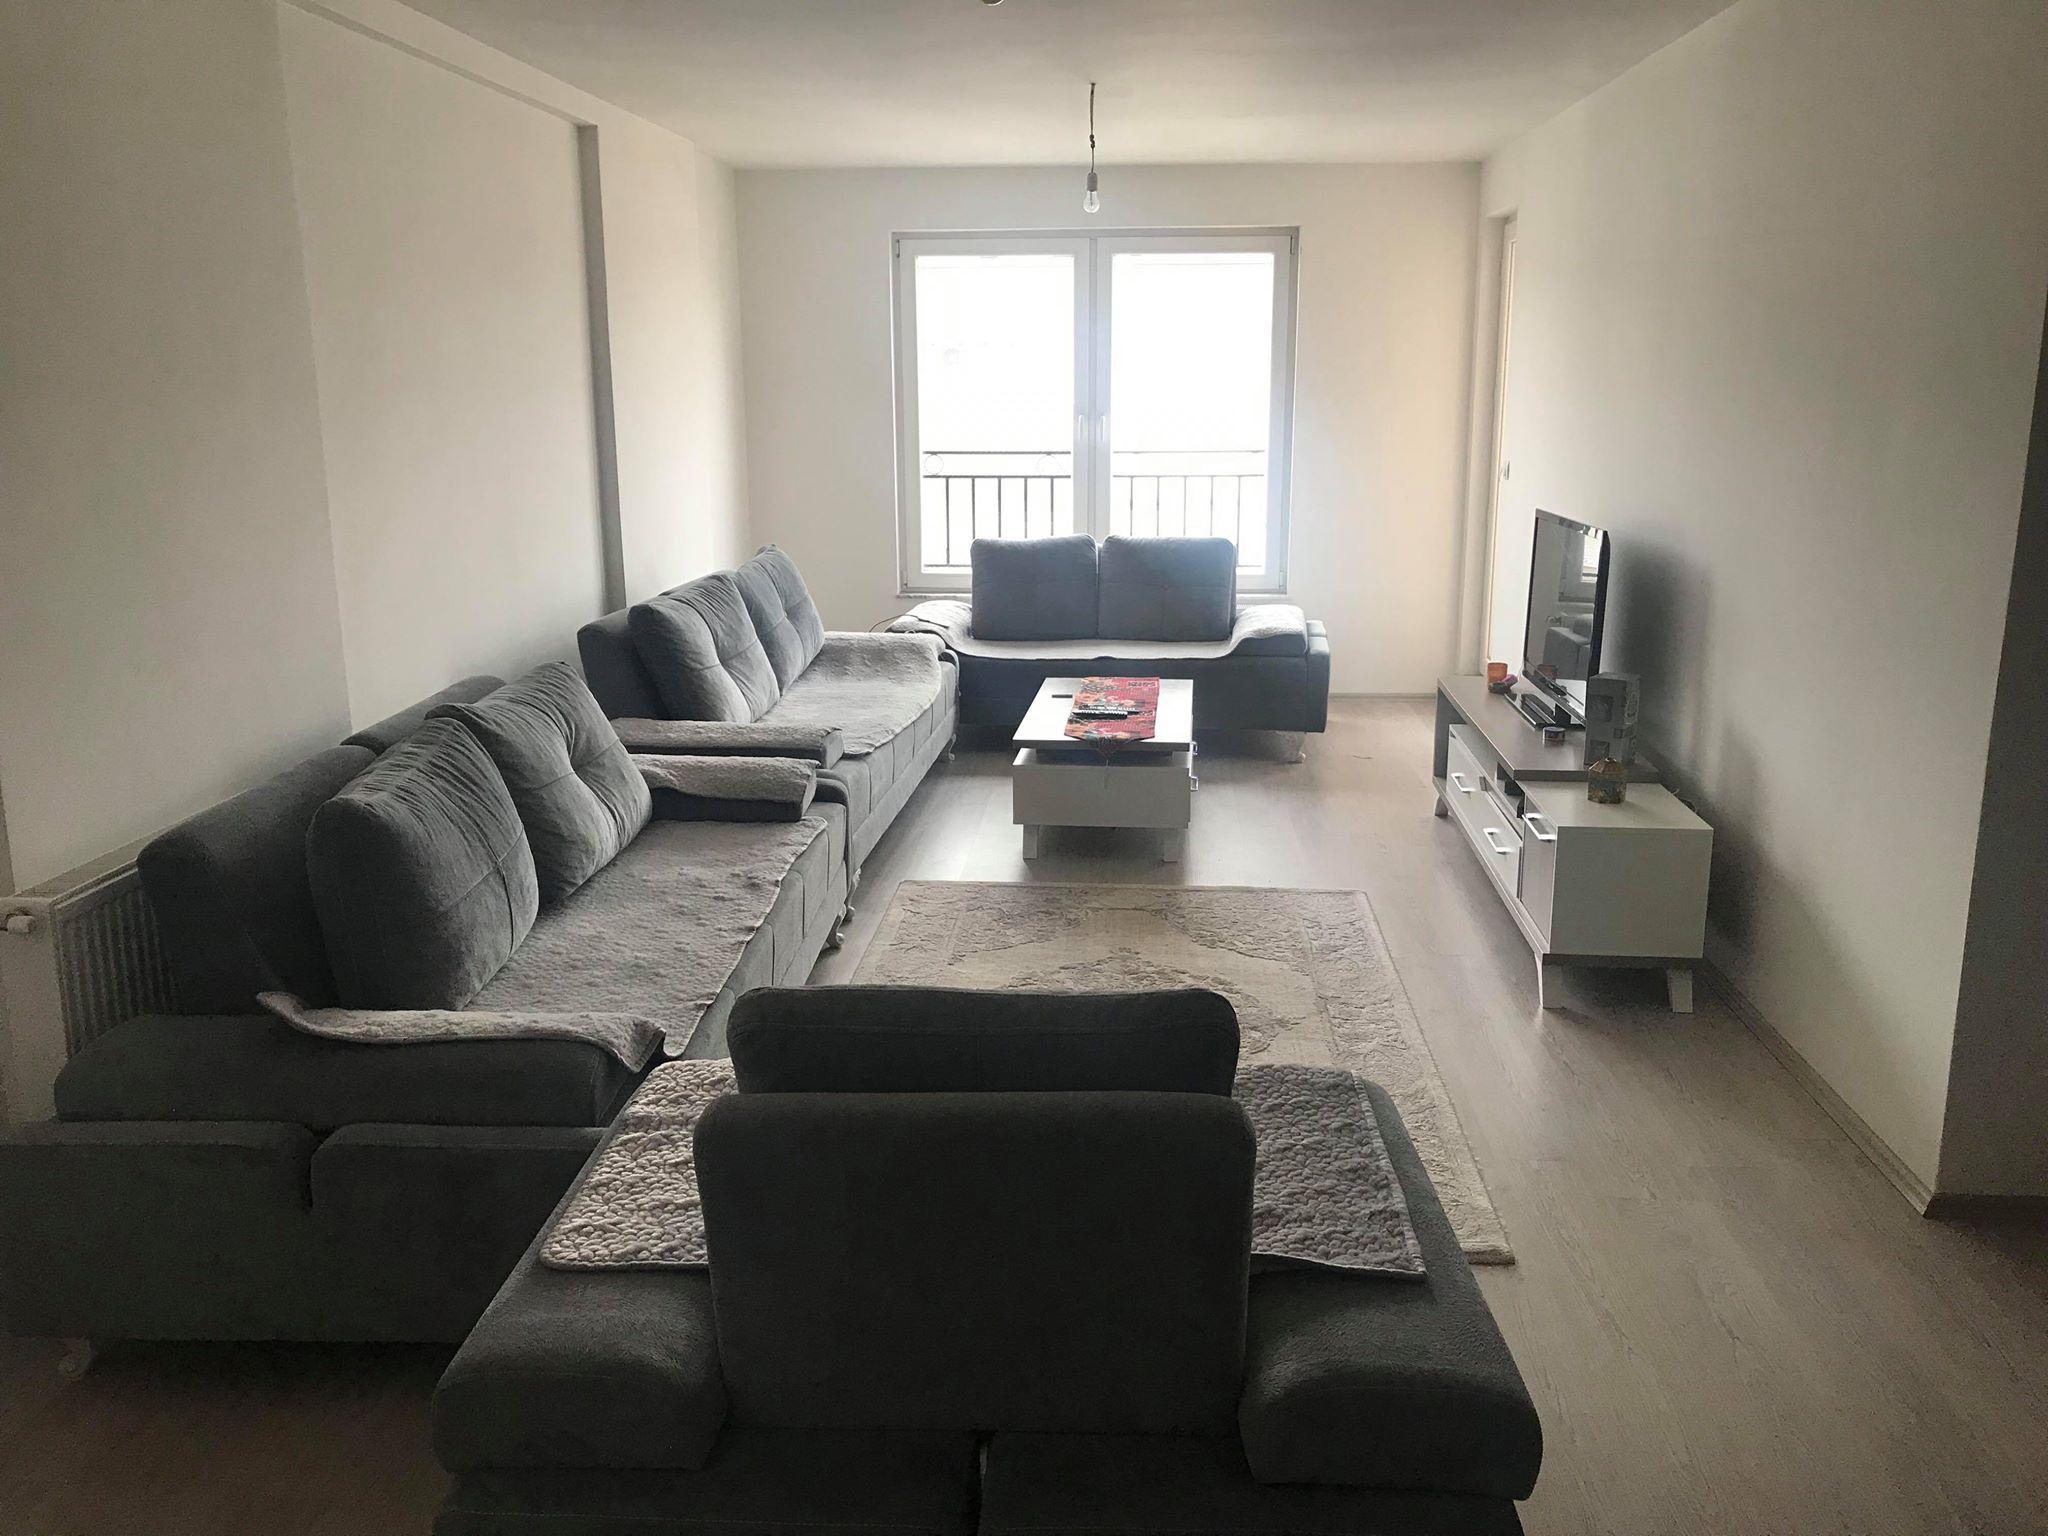 Shitet banesa 3 dhomëshe 97.3m2 kati 8 në Fushë Kosovë